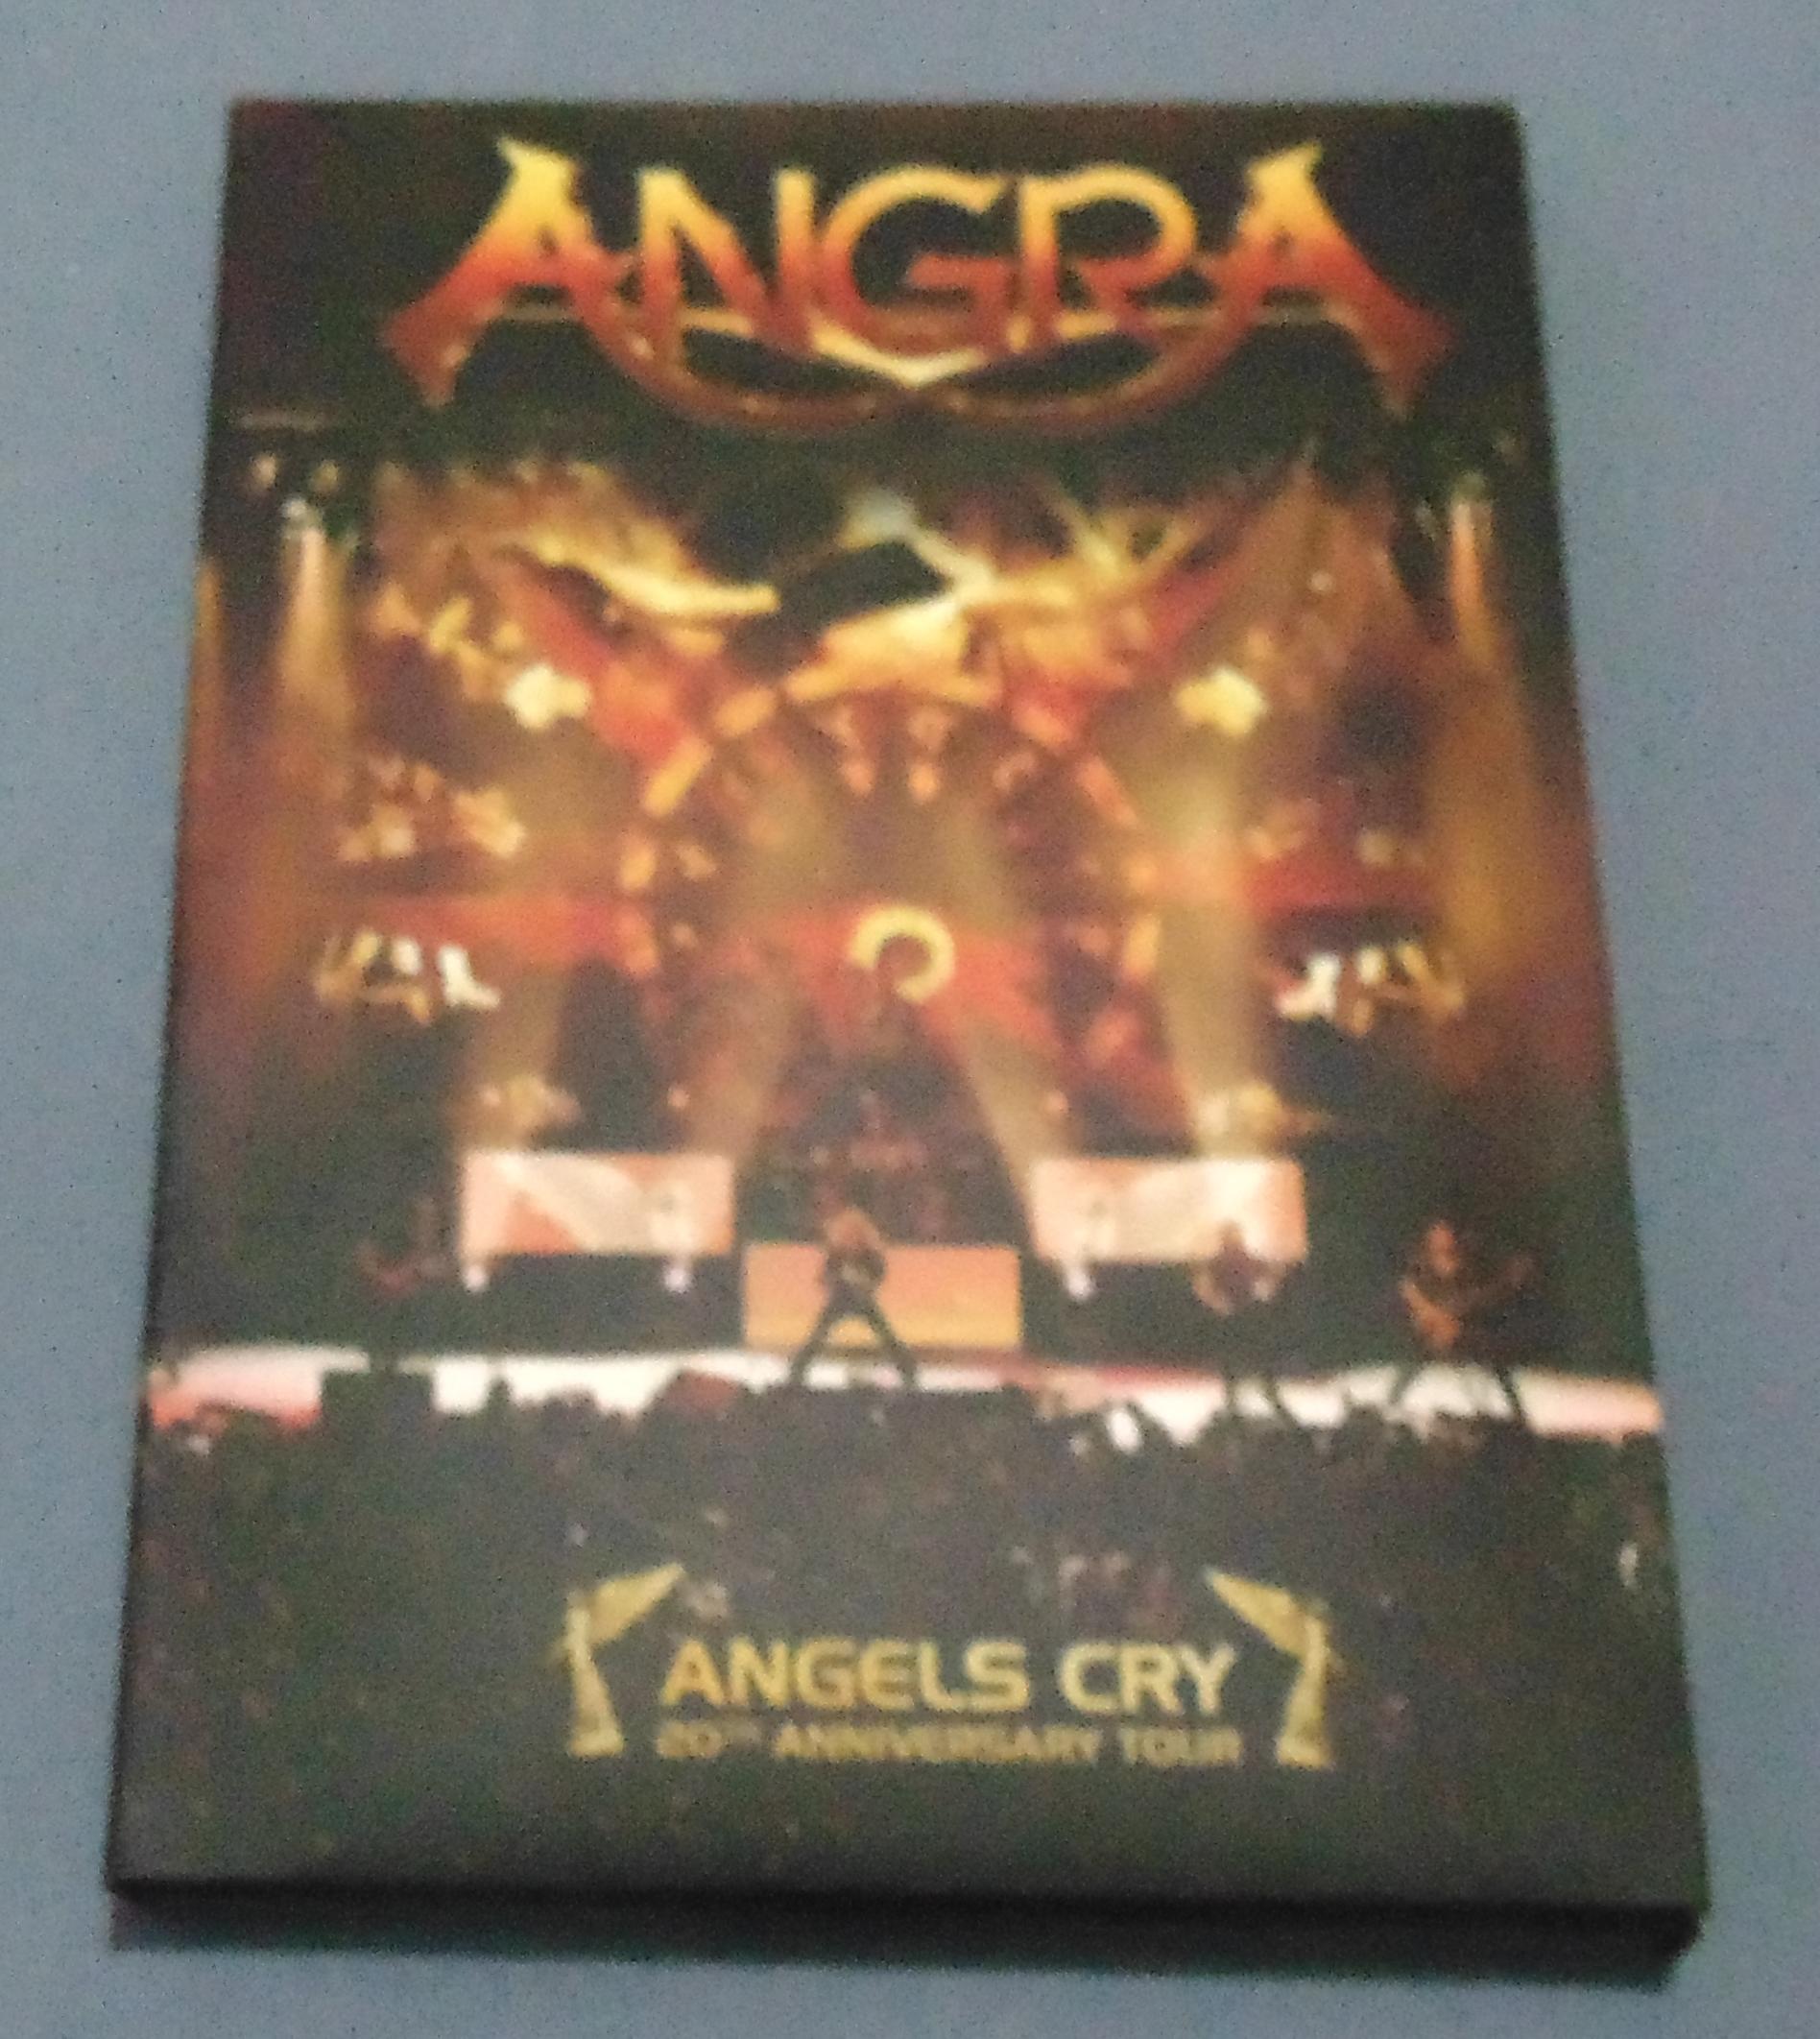 DVD Angra.jpg